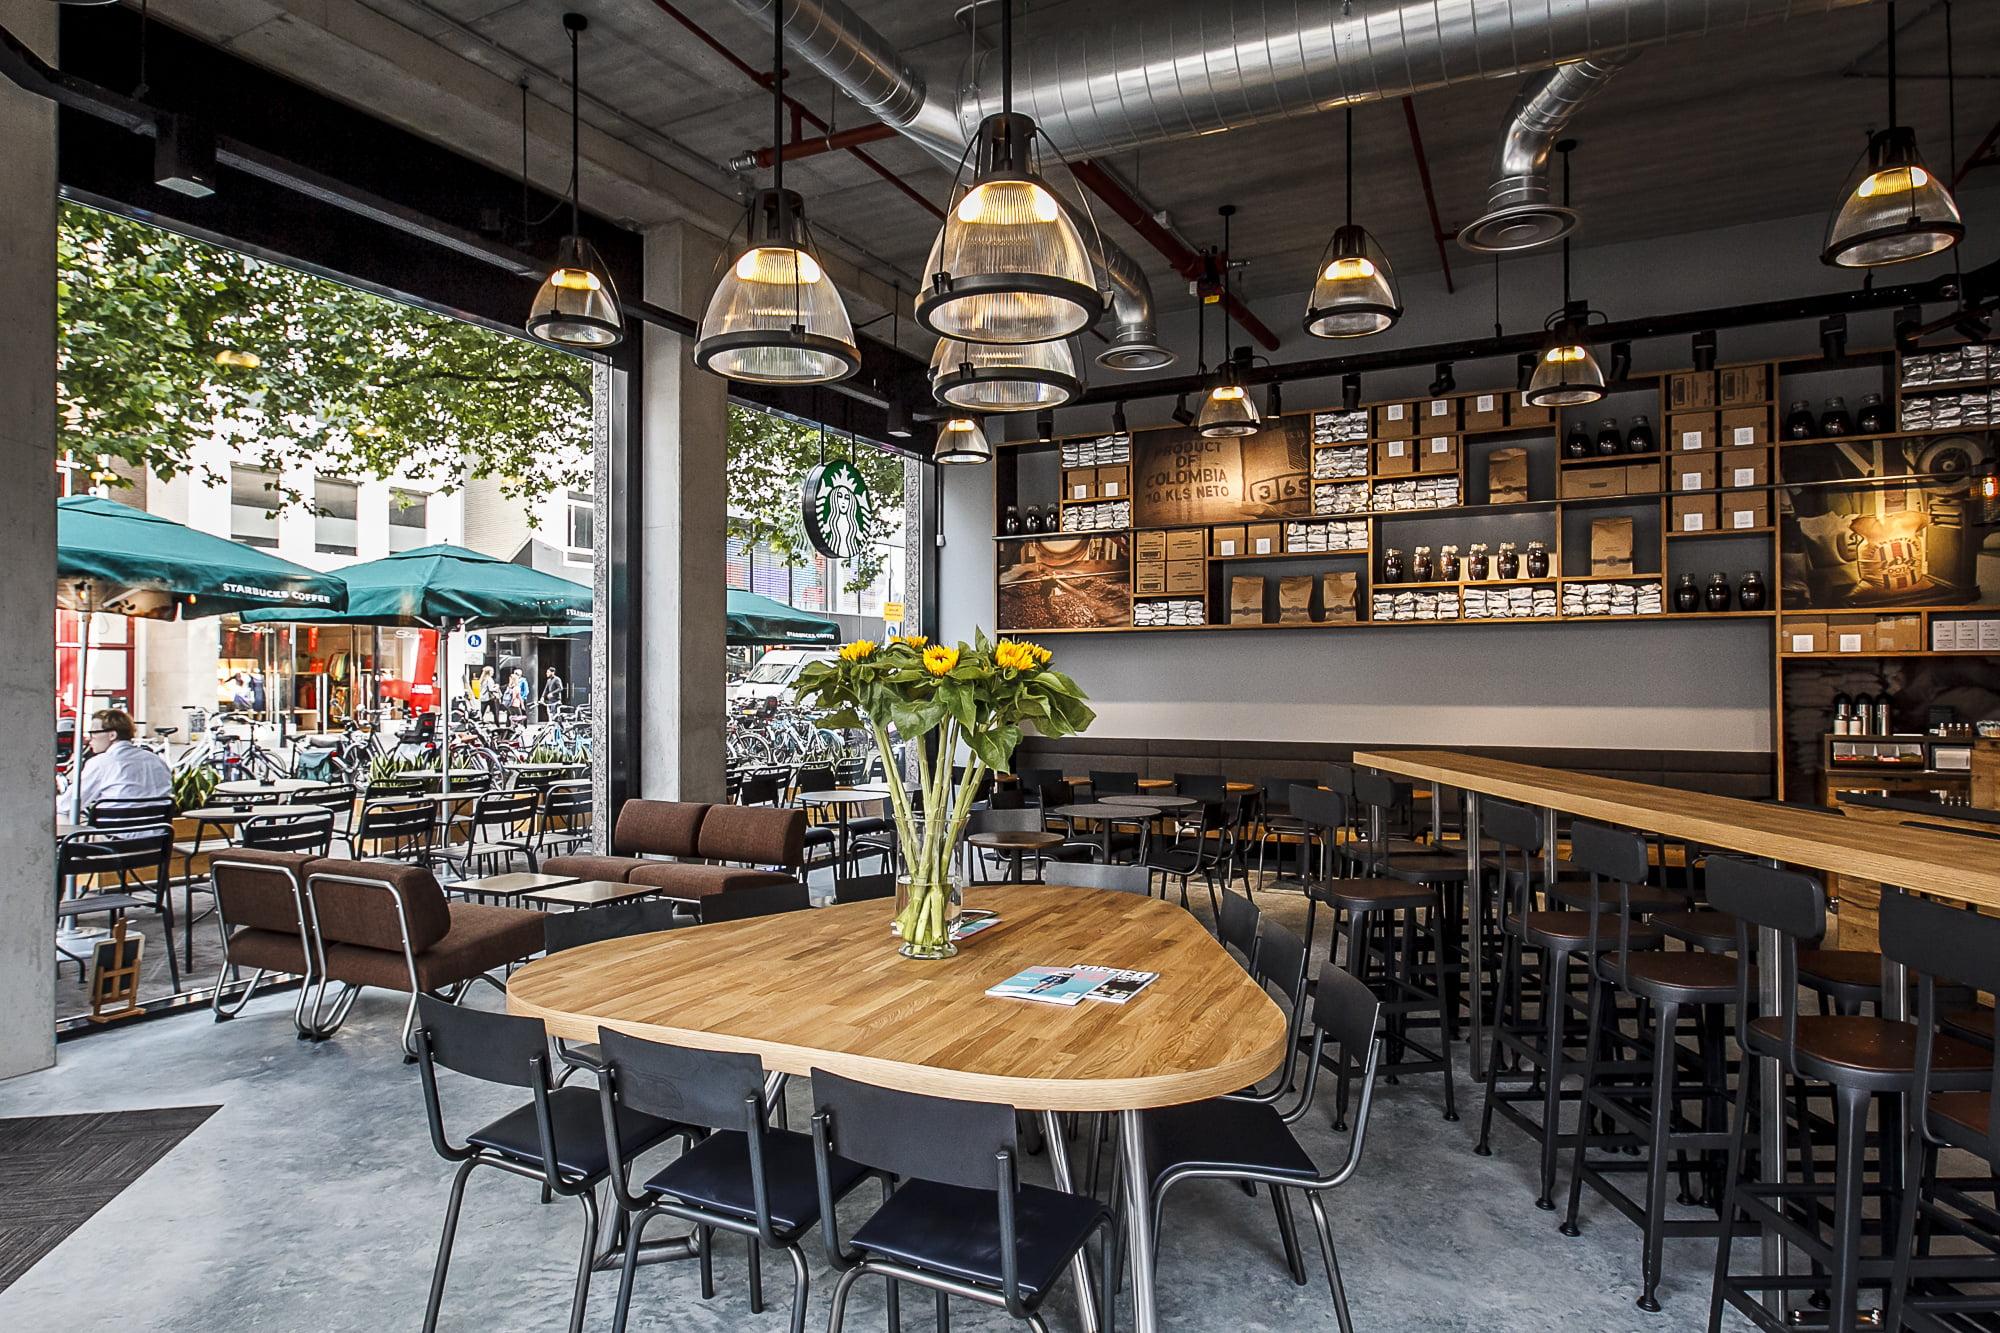 mẫu thiết kế quán cafe đơn giản thịnh hành hiện nay 8